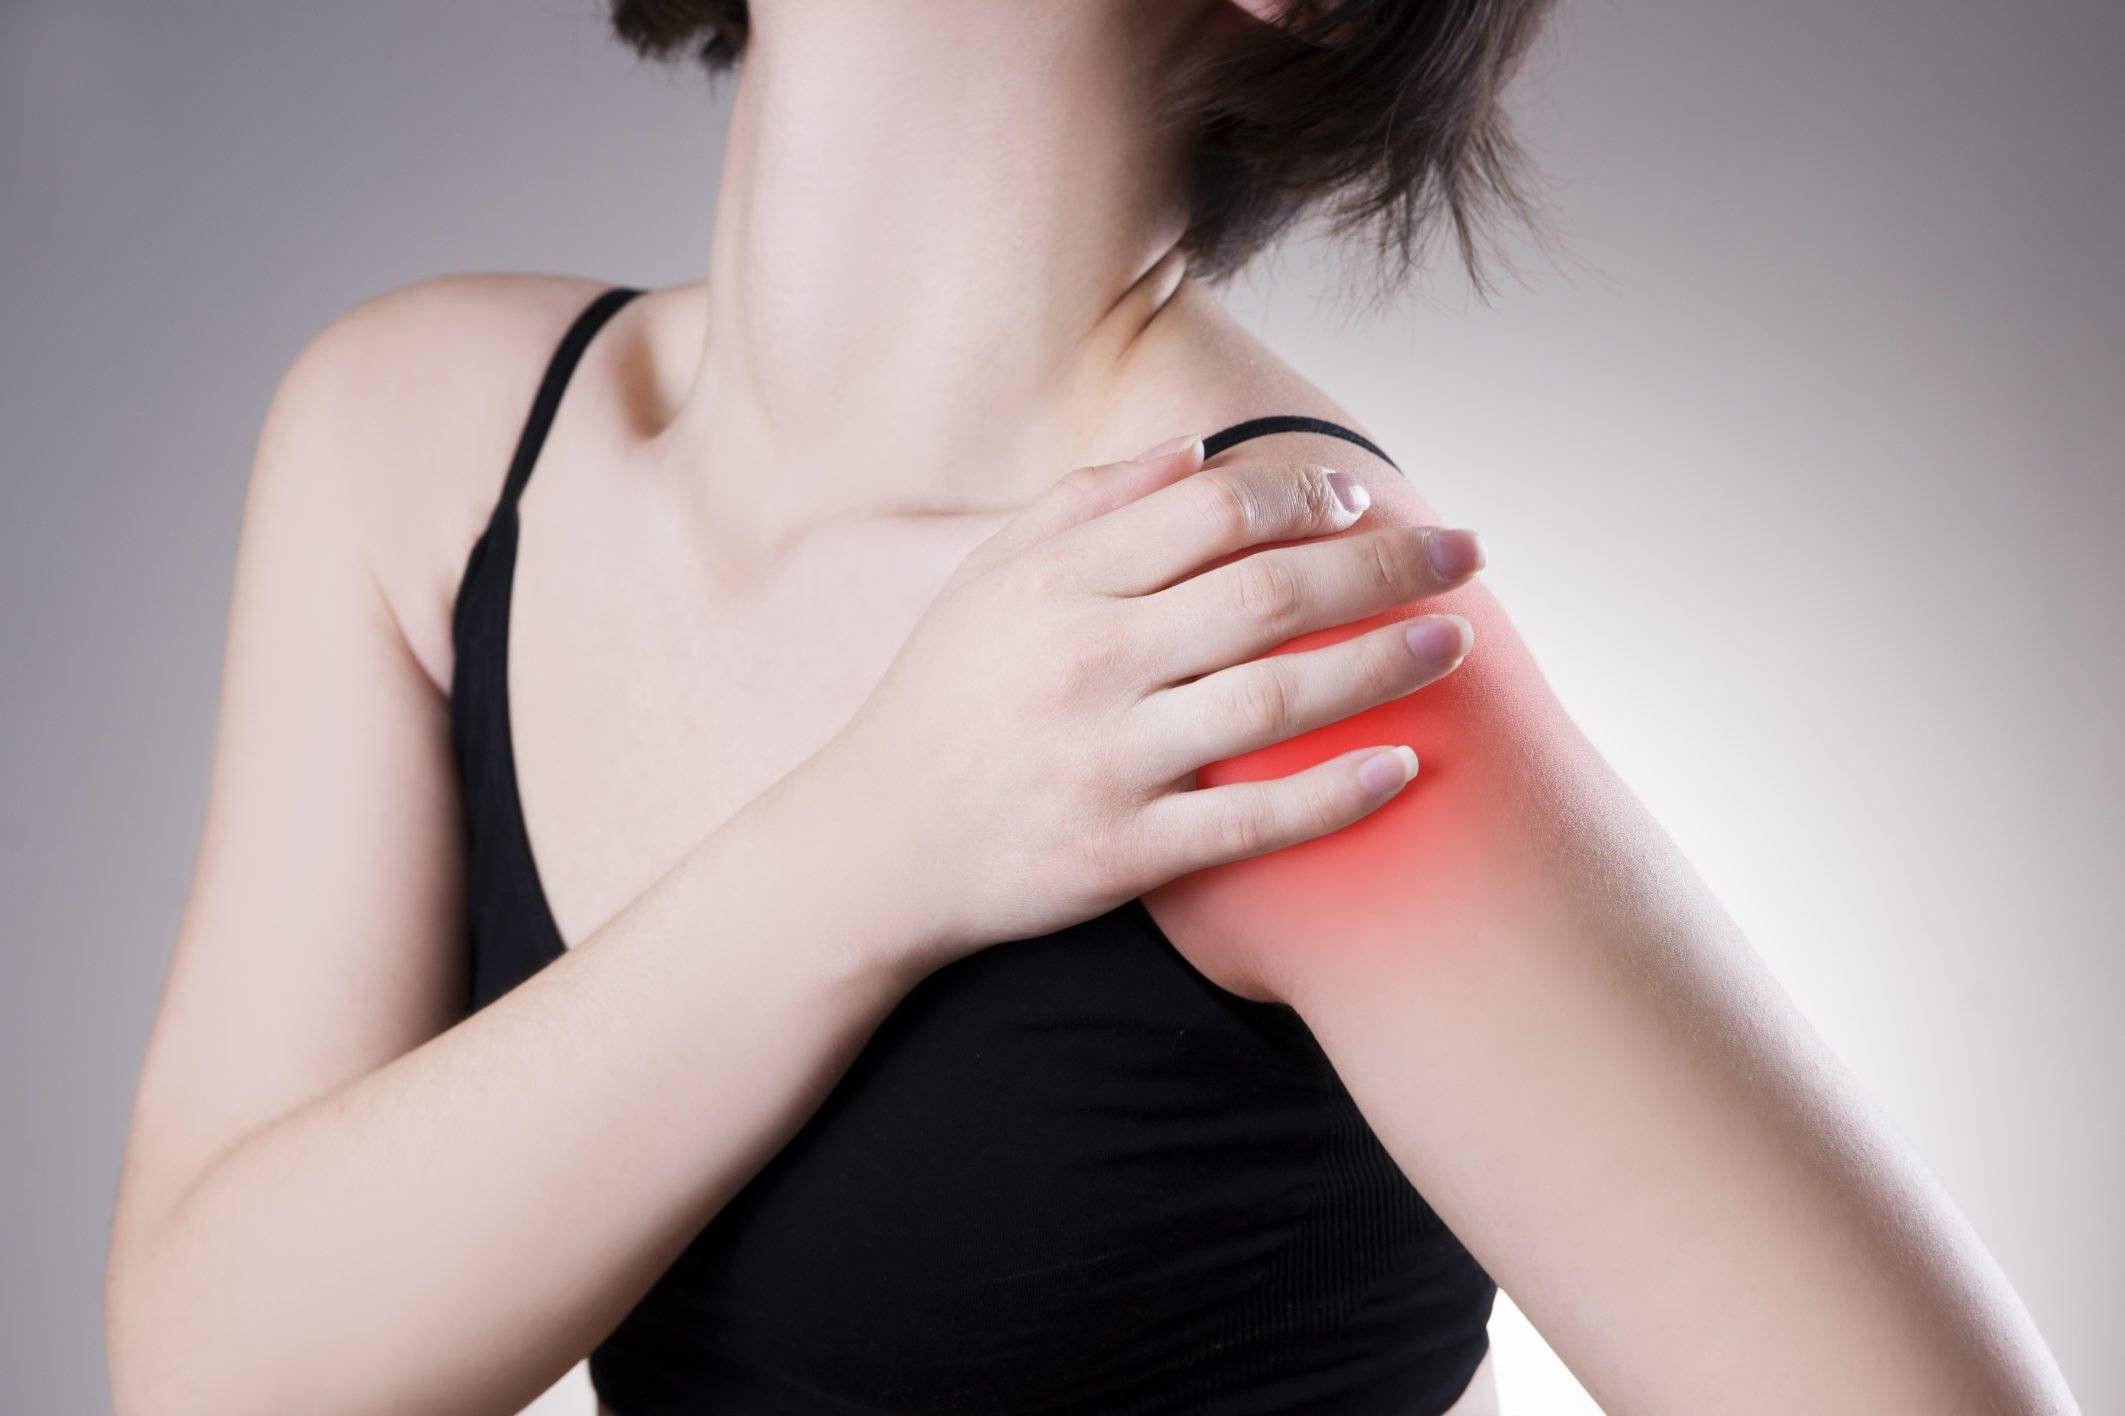 Пациента при артрозе беспокоит боль и ограничение движений